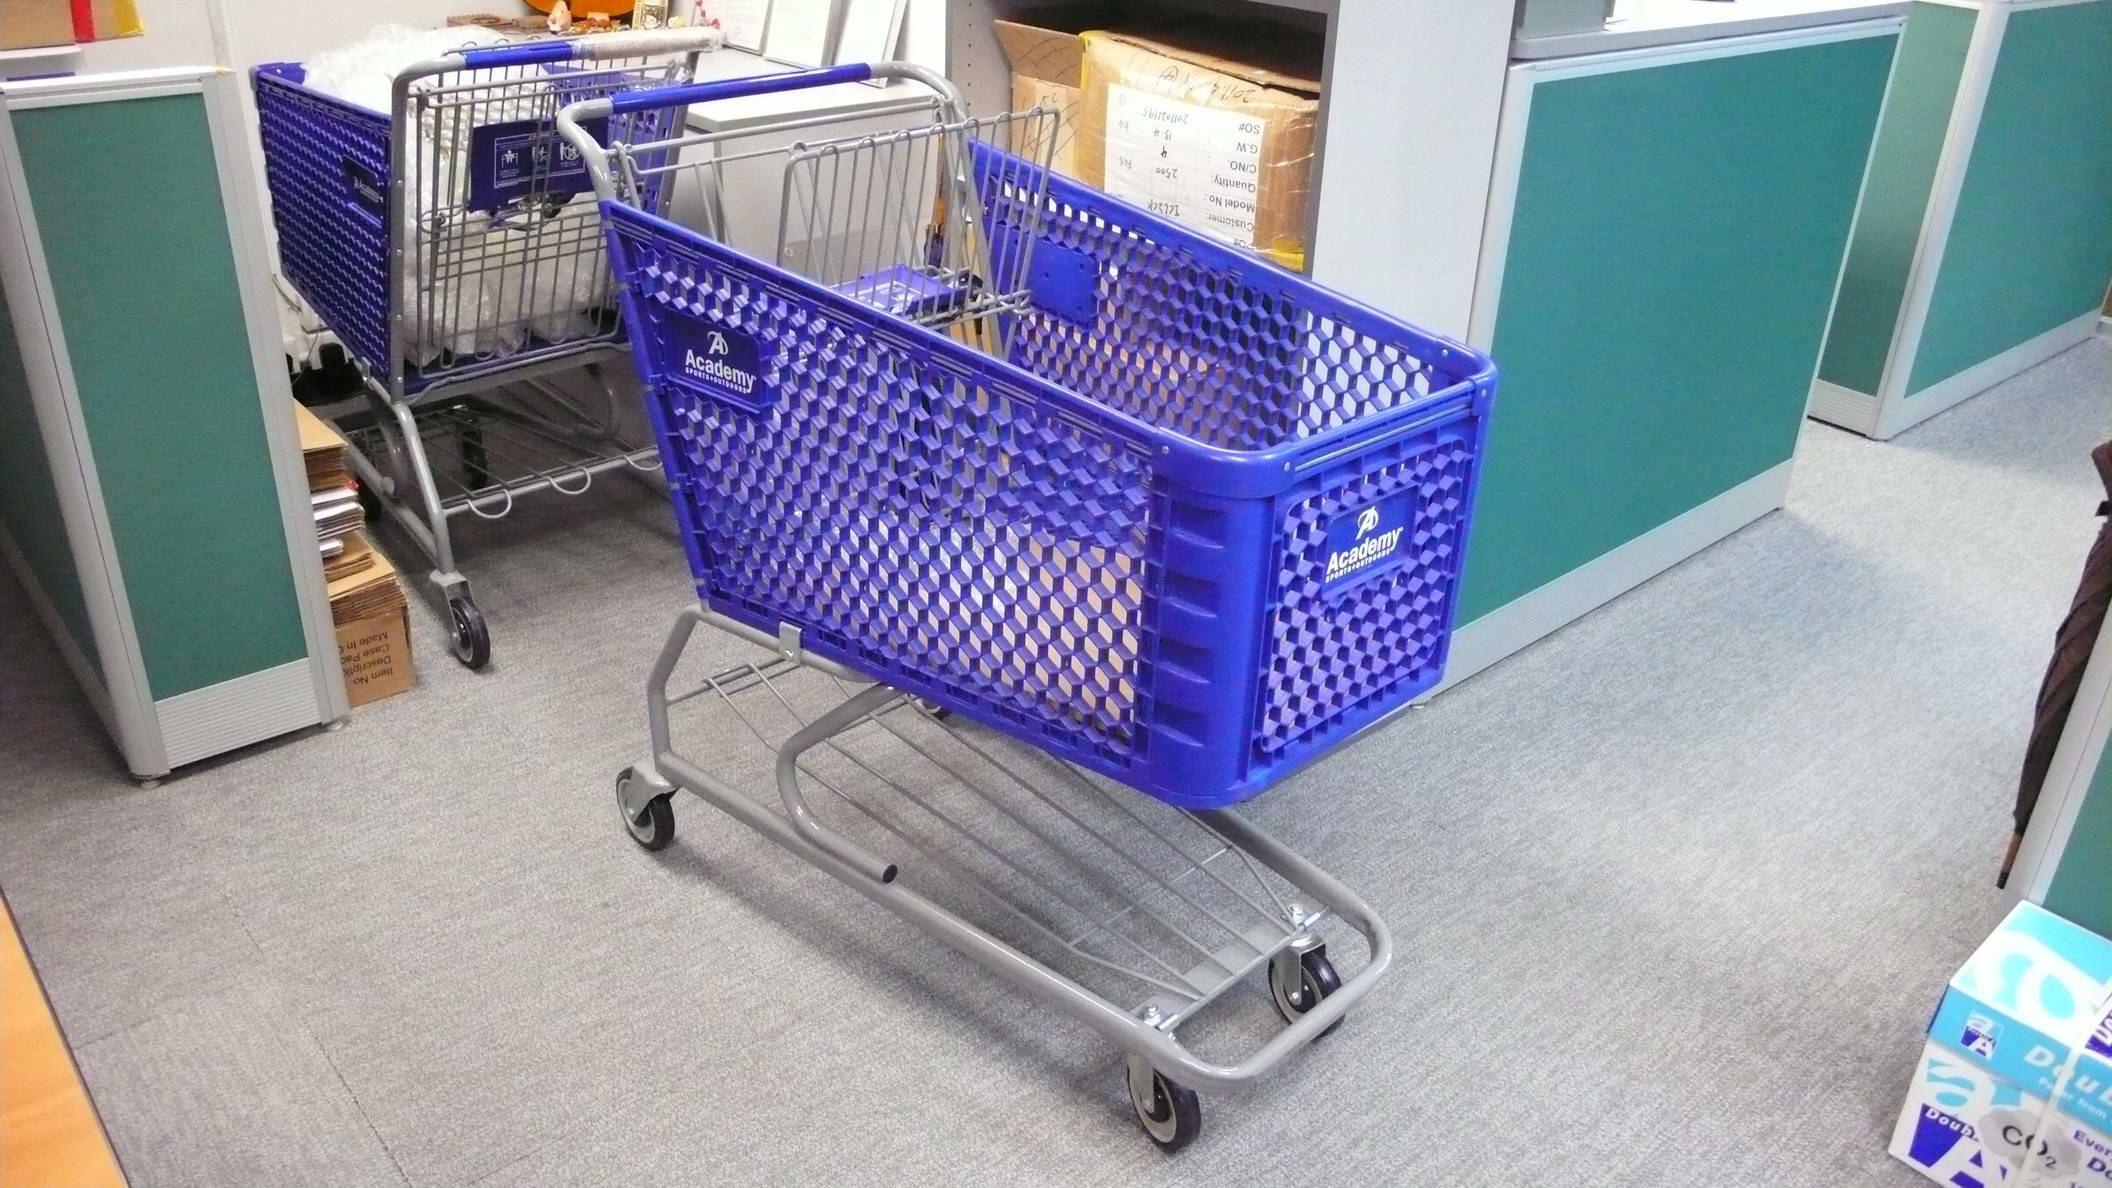 美国款180L塑料超市购物车